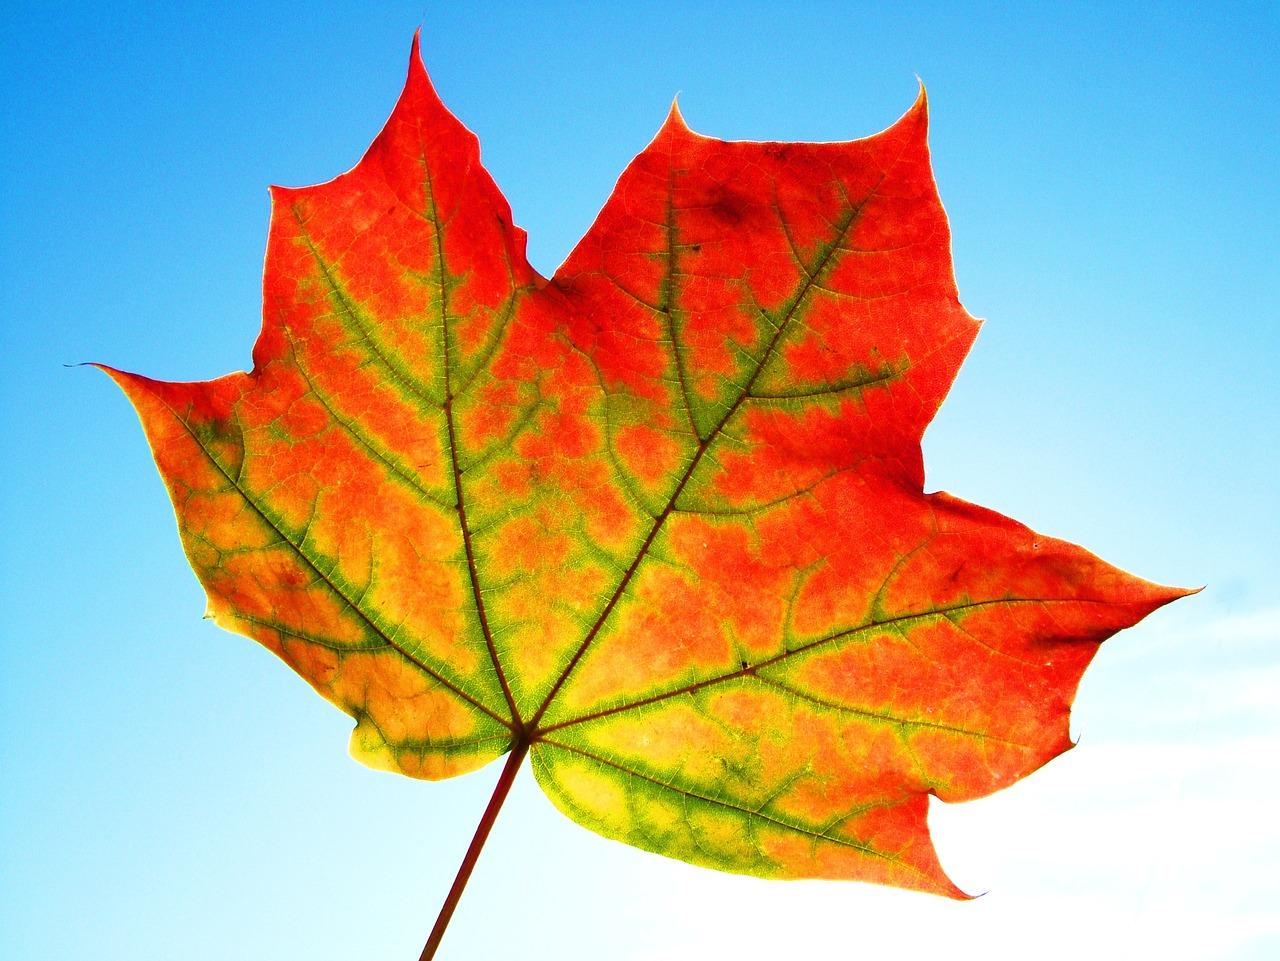 картинки красивых осенних листьев по одному